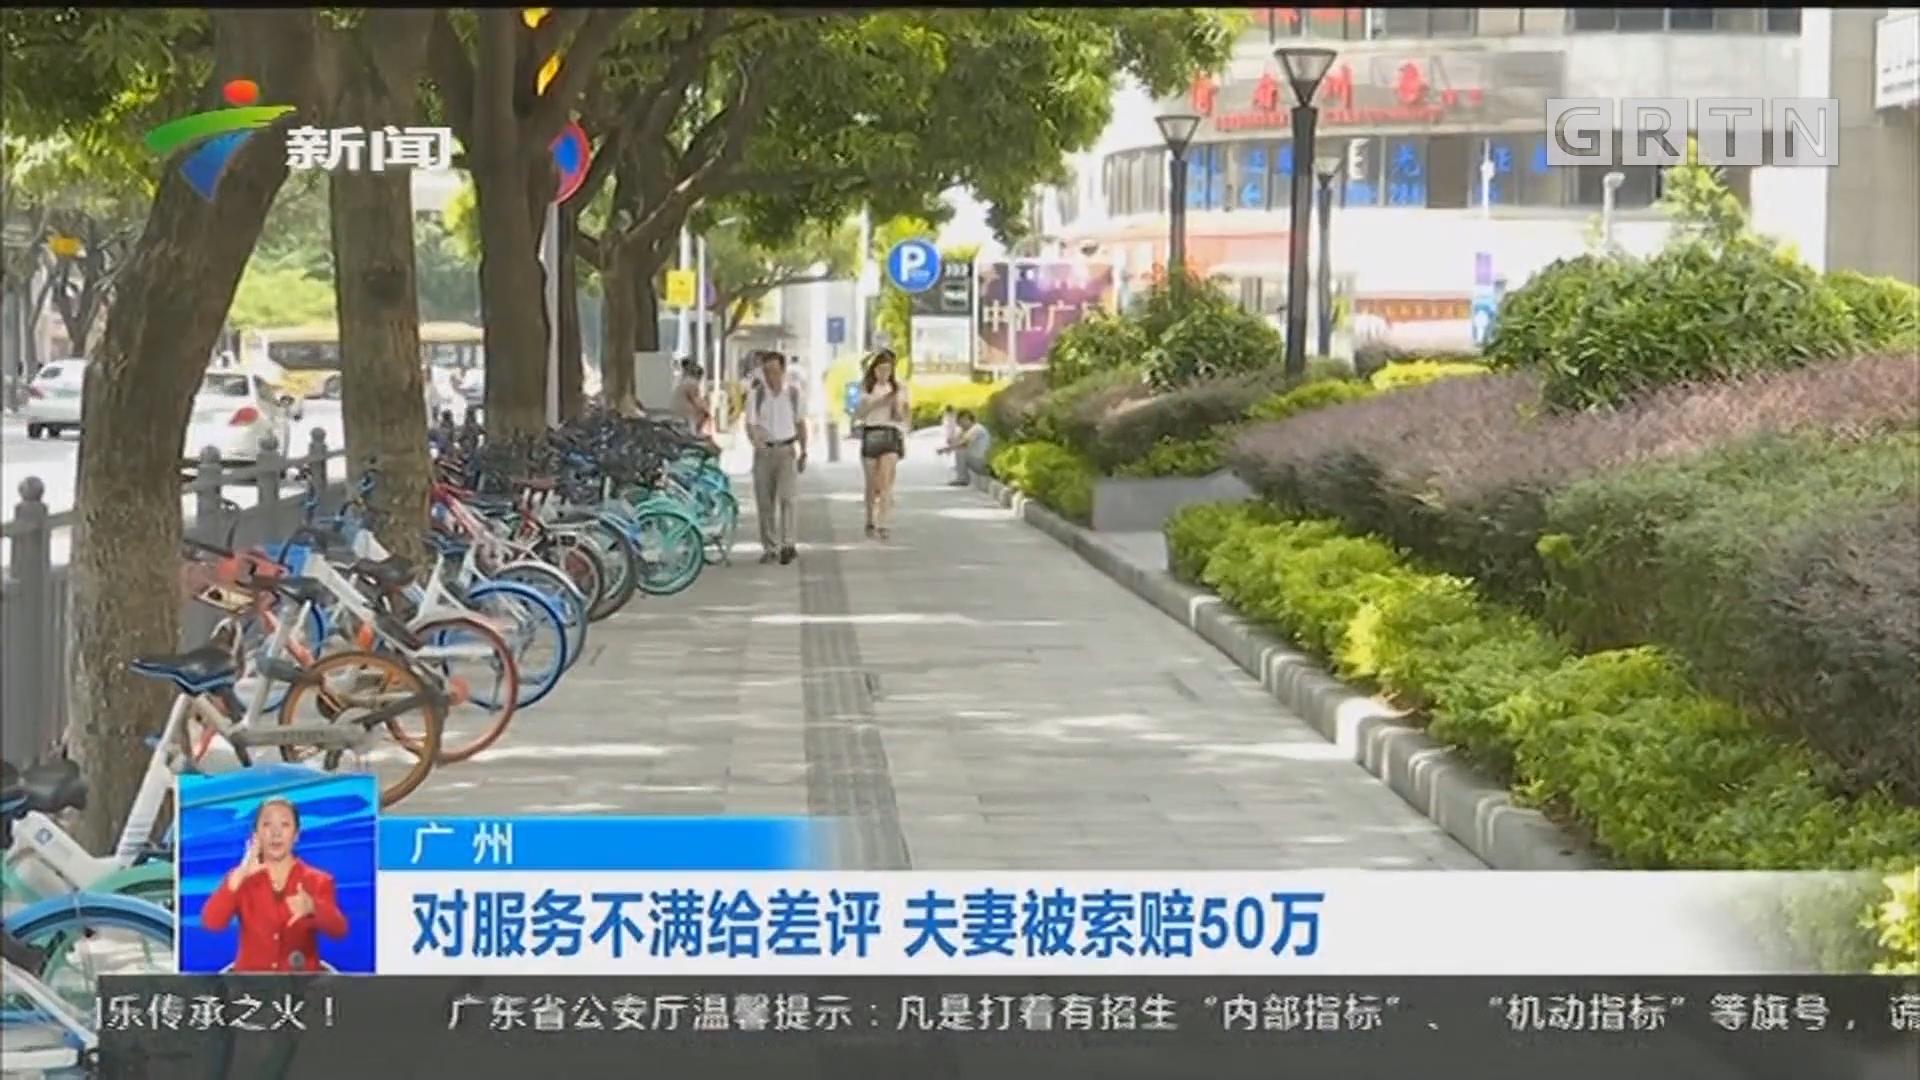 广州 对服务不满给差评 夫妻被索赔50万